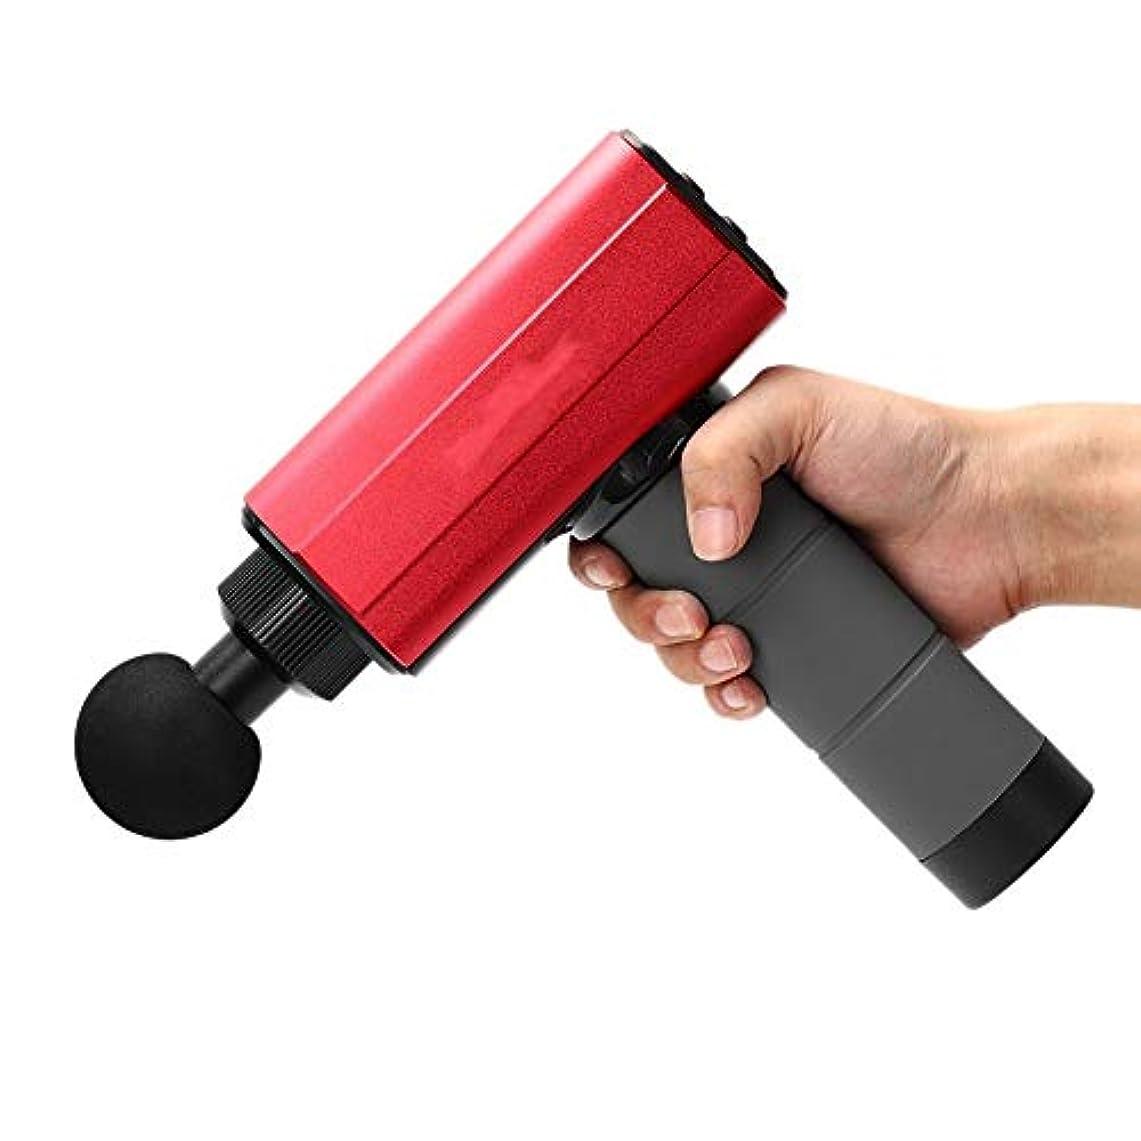 無駄なイブニングエゴイズム手持ち型の深いティッシュ筋肉マッサージャー銃の再充電可能なマッサージ装置、体の痛みのための専門のコードレスパーカッション(US Plug)